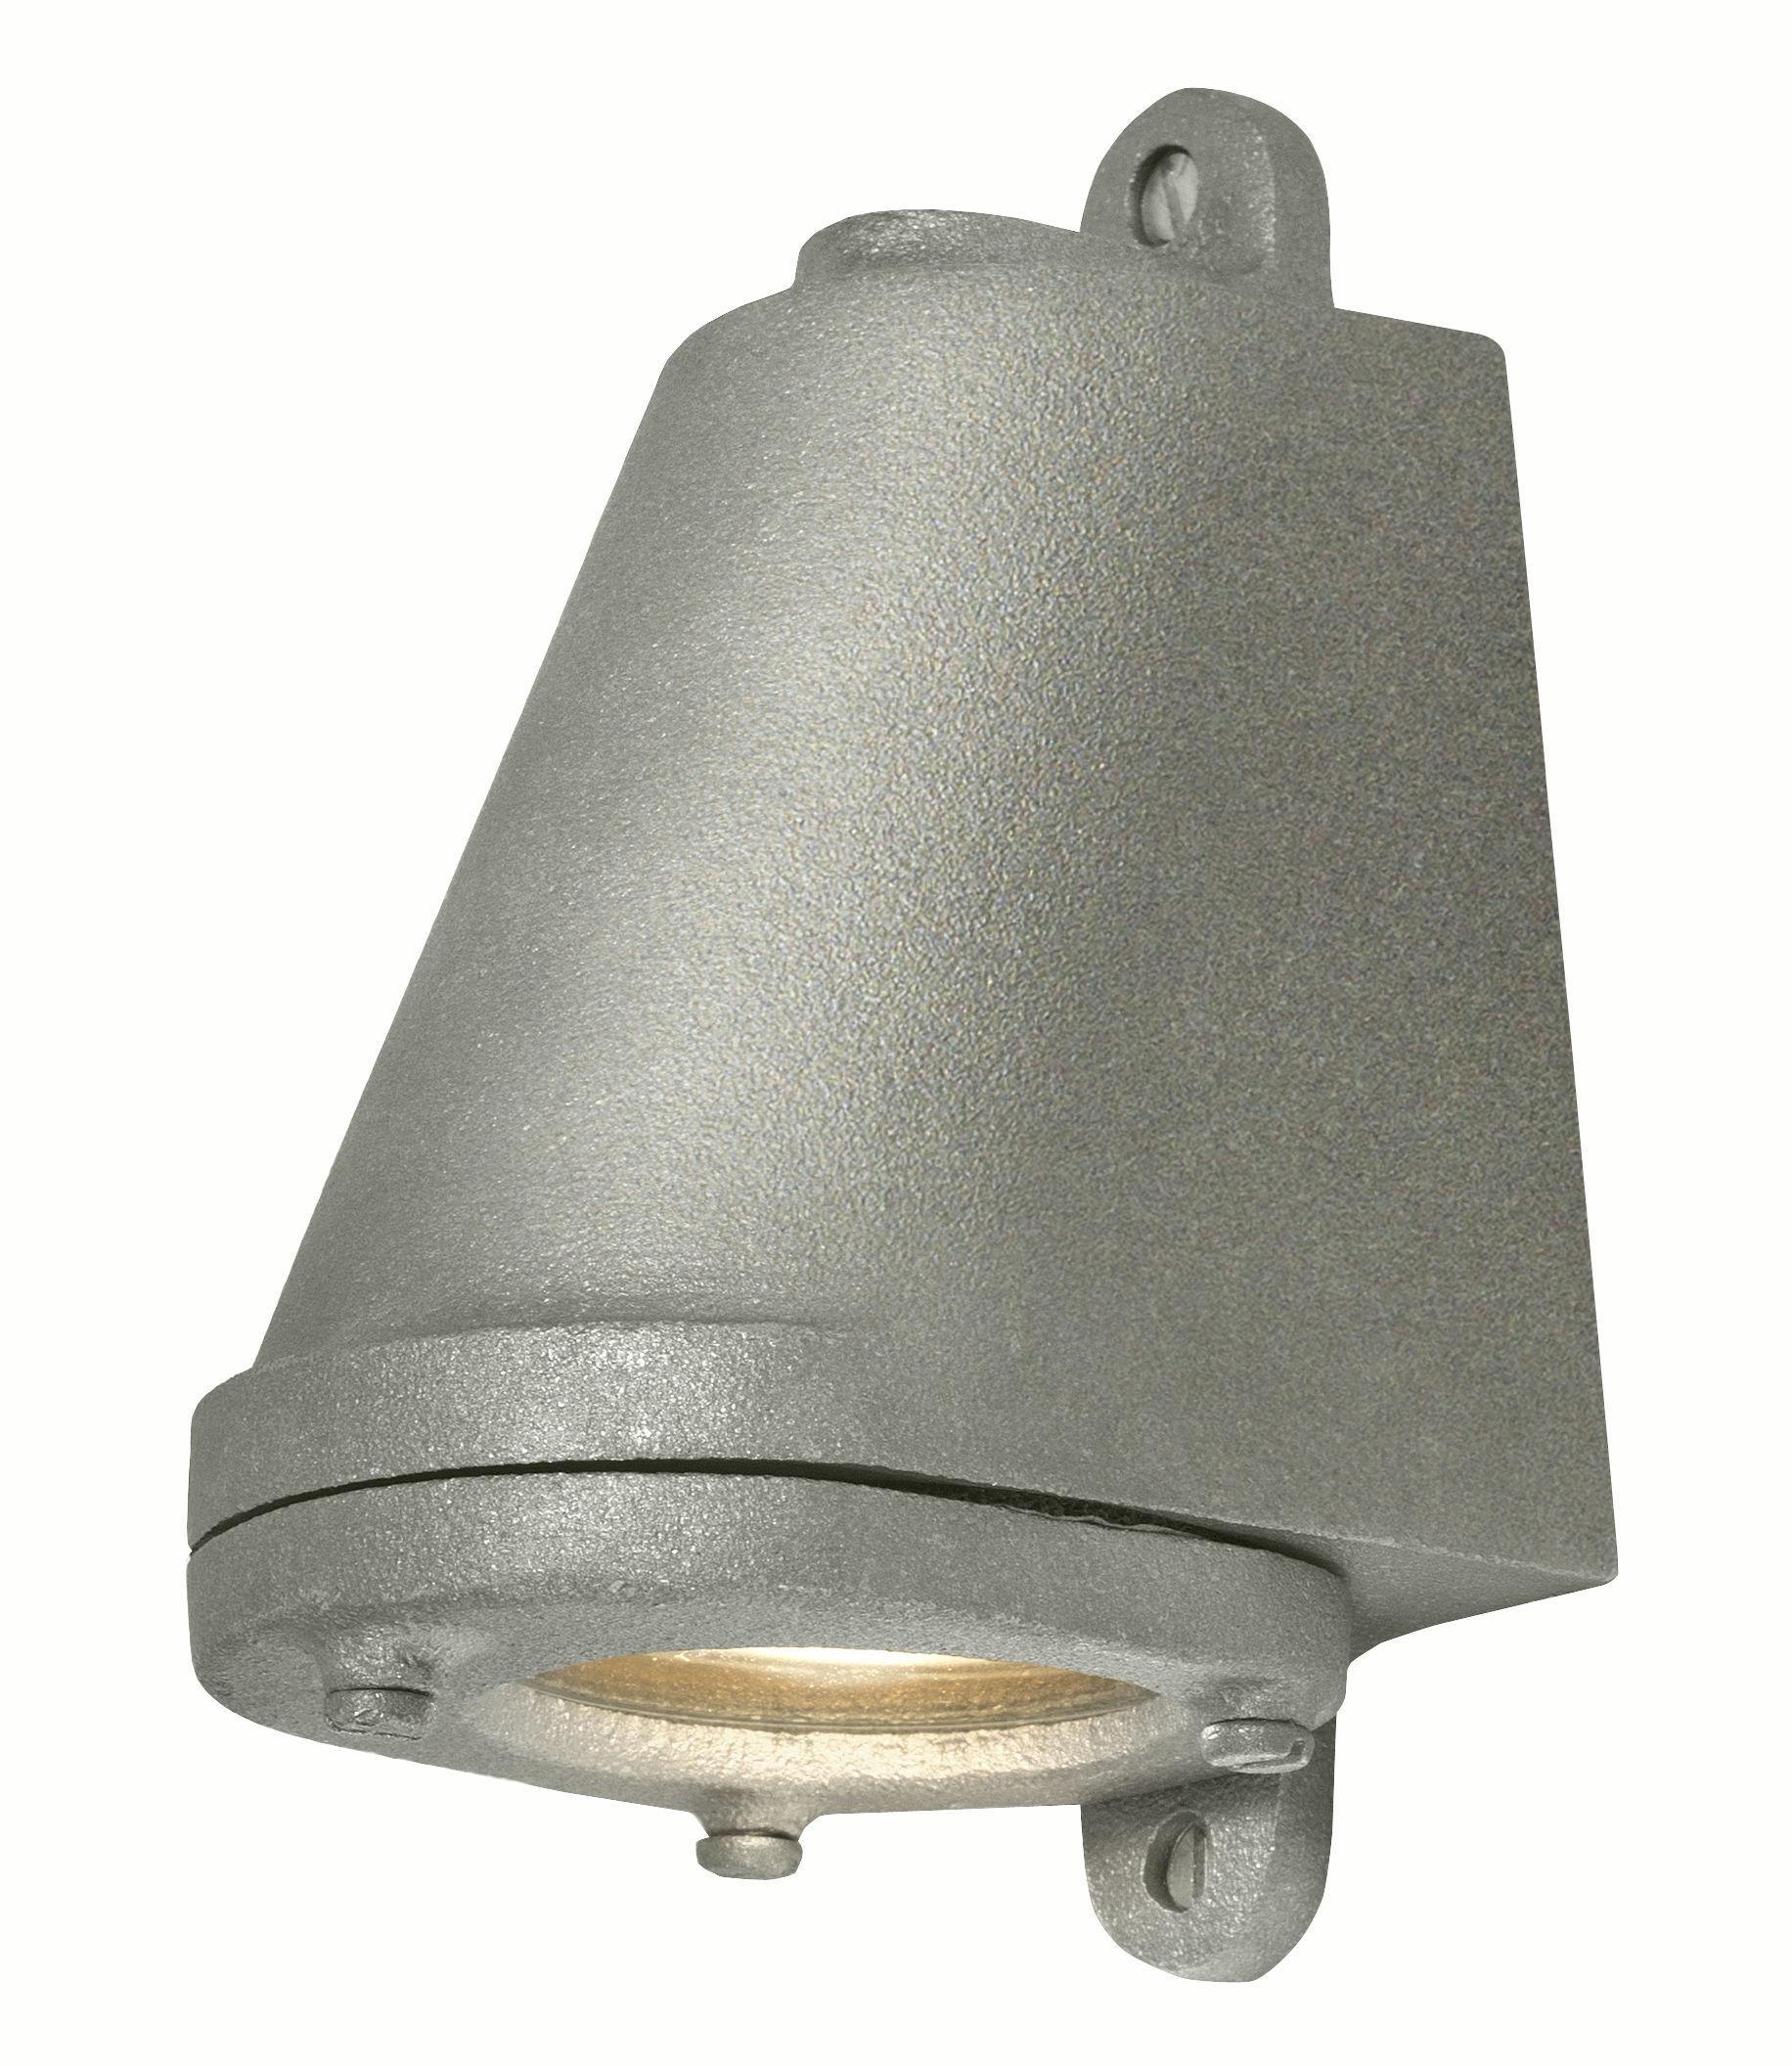 Illuminazione - Lampade da parete - Applique d'esterno Mast Light LED - / H 14 cm - Per l'esterno di Original BTC - Alluminio grezzo invecchiato - Alluminio anodizzato